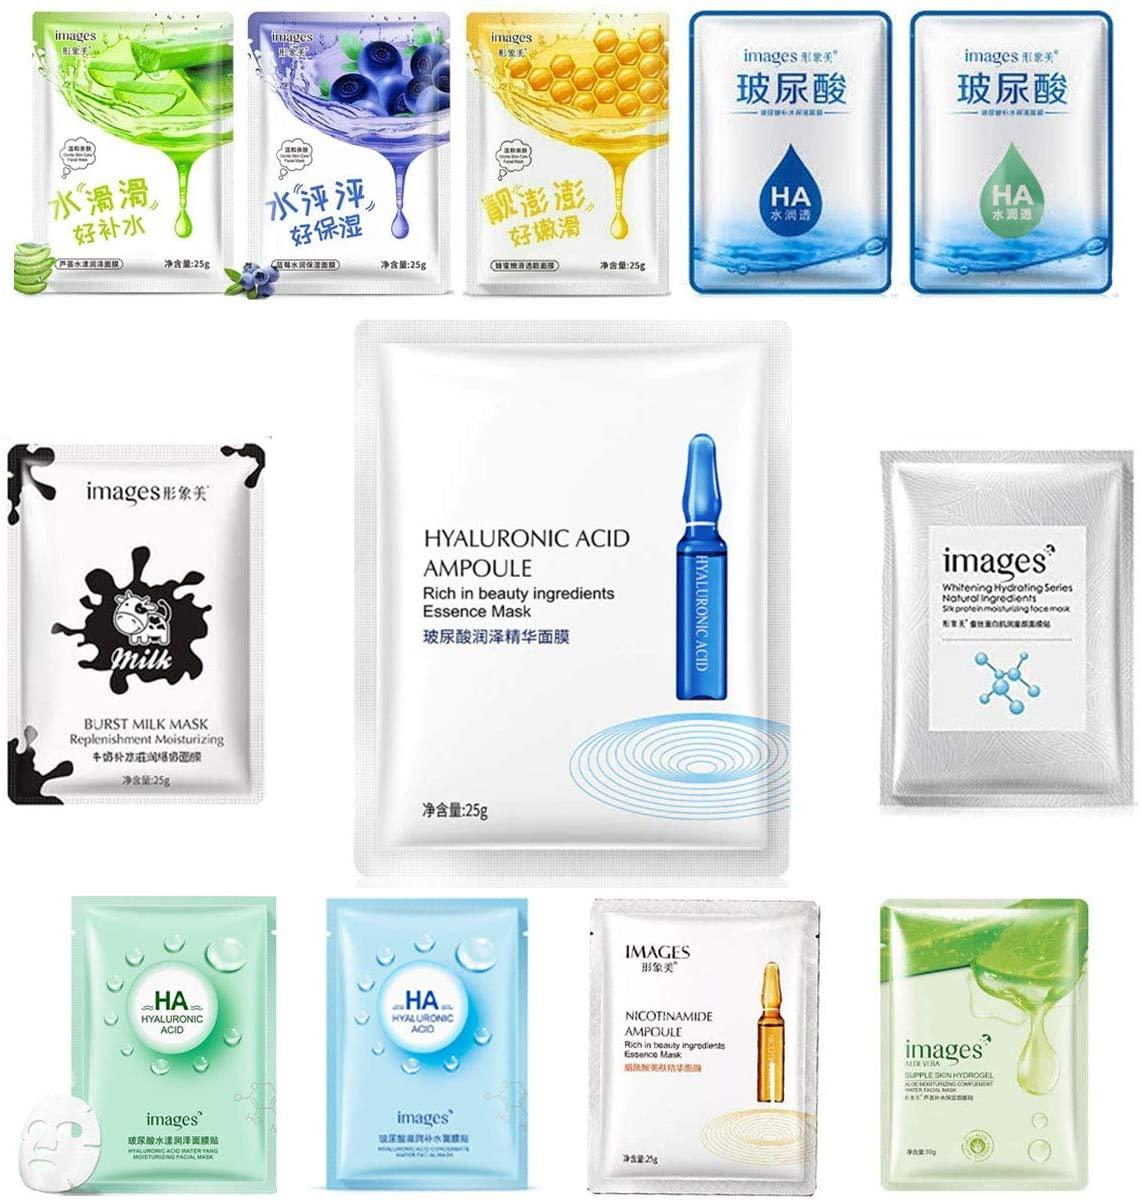 Paquete 12 Mascarillas Coreanas Images Relajantes Y Revitalizantes Ideal Para Hidratar Suavizar Y Aclarar El Rostro